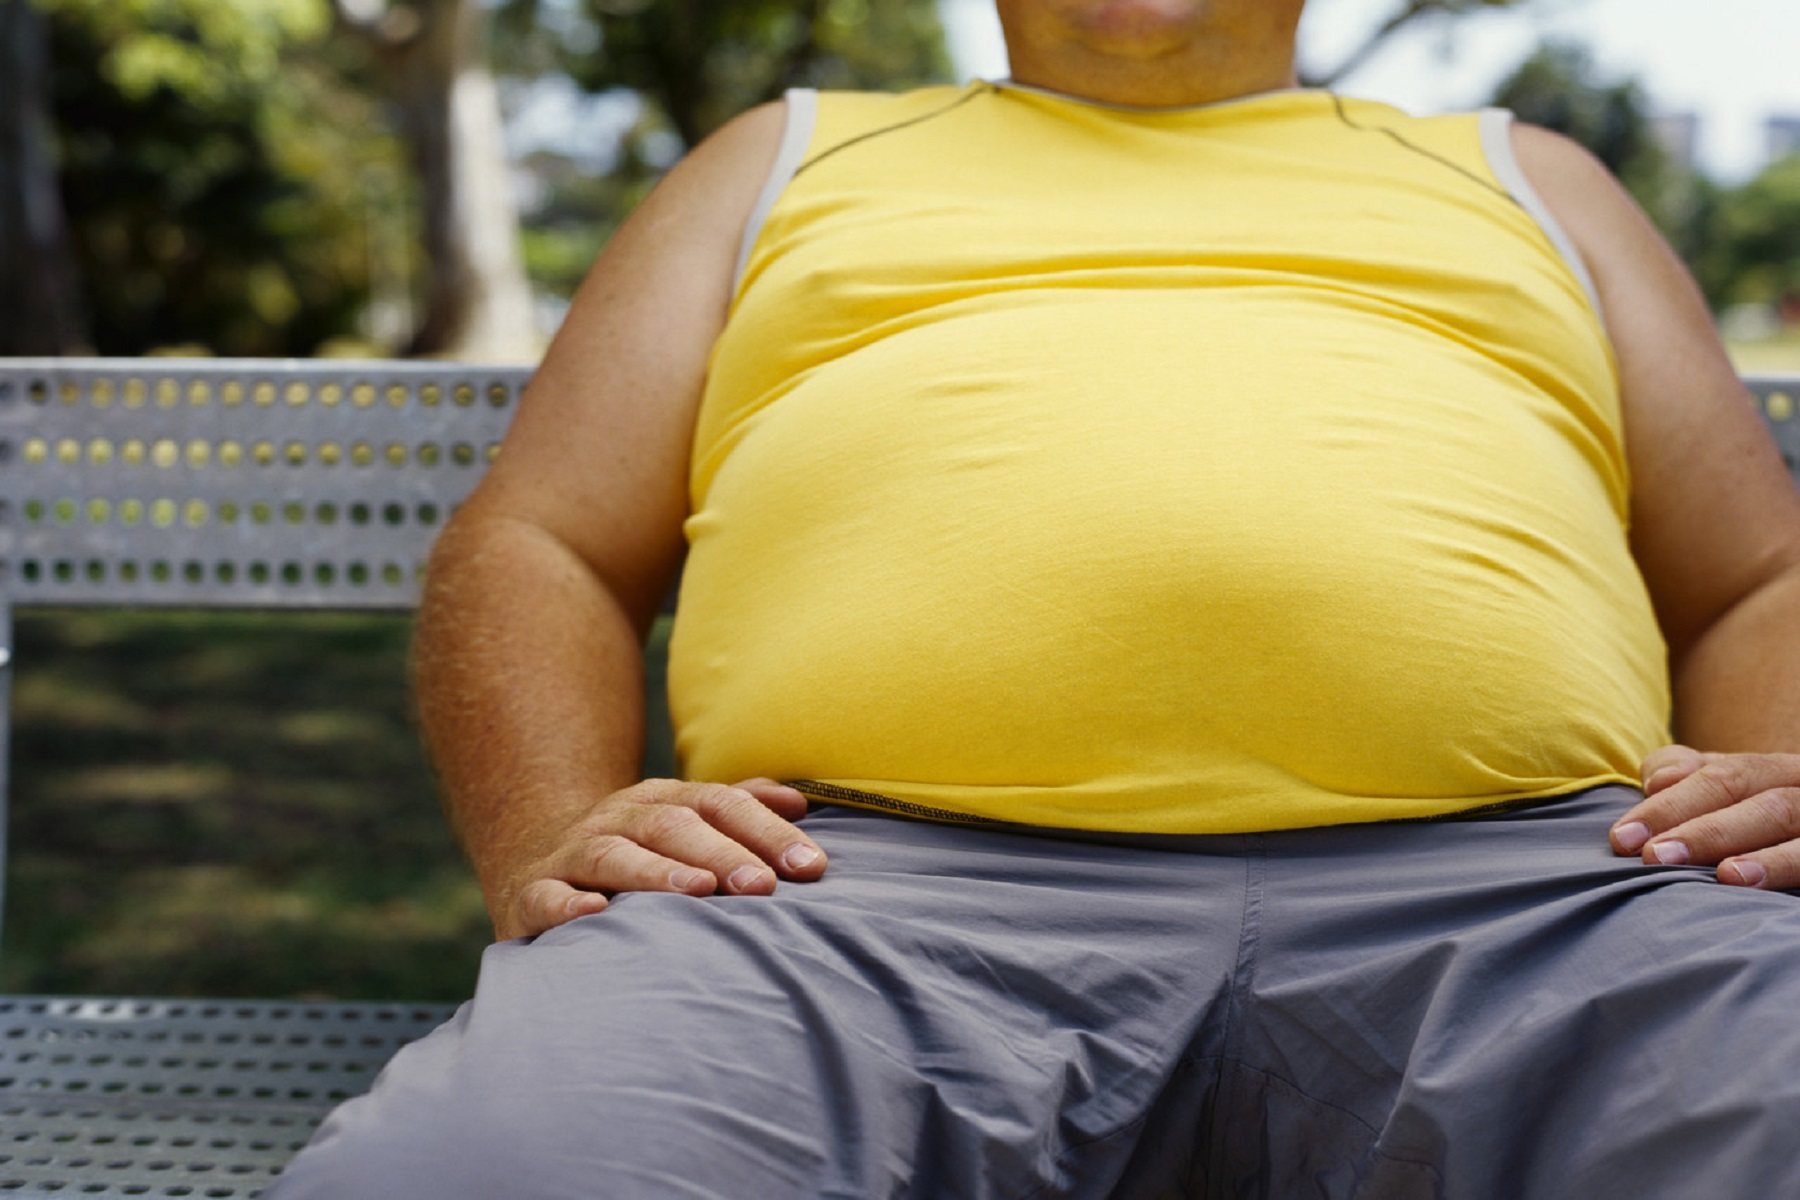 Καρκίνος Παχυσαρκία: H κοιλιακή παχυσαρκία σχετίζεται με αυξημένο κίνδυνο καρκίνου του προστάτη